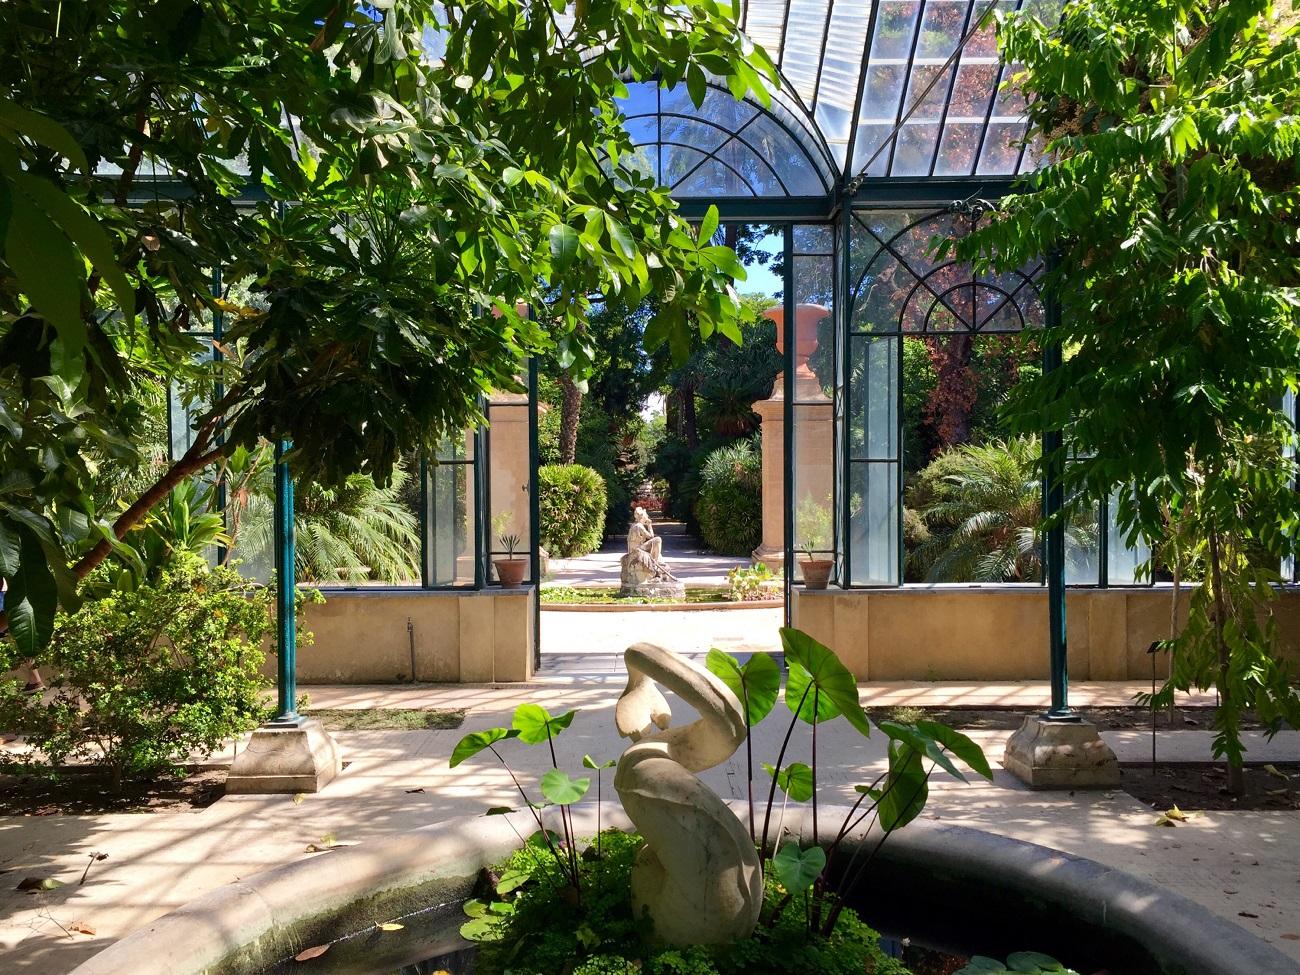 Orto Botanico di Palermo, Serra Carolina, una delle sedi di Manifesta